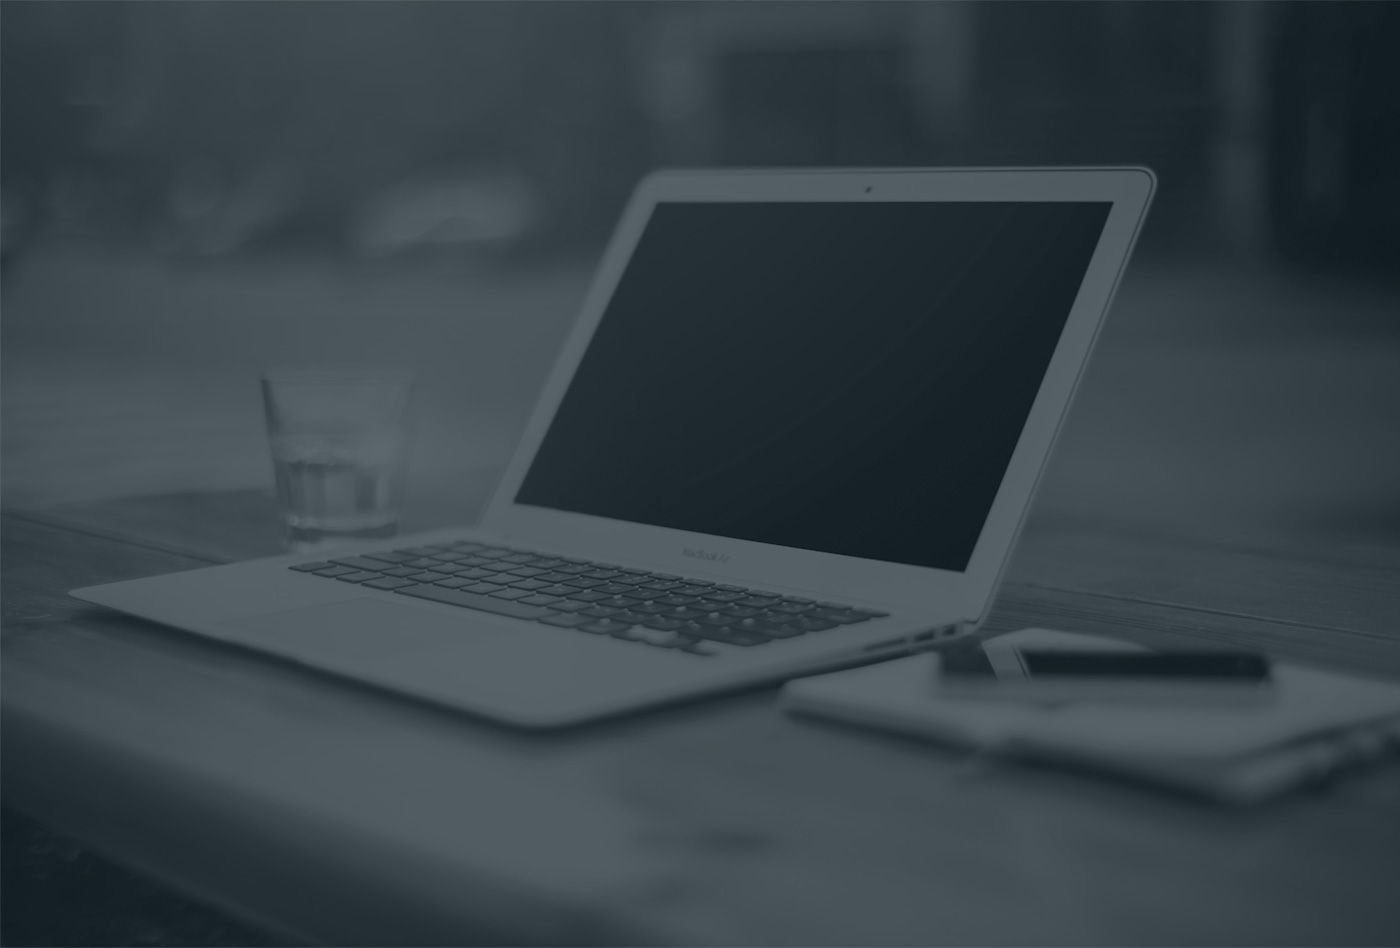 Macbook, Wasserglas und Block auf Schreibtisch - Schwarz/Weiß